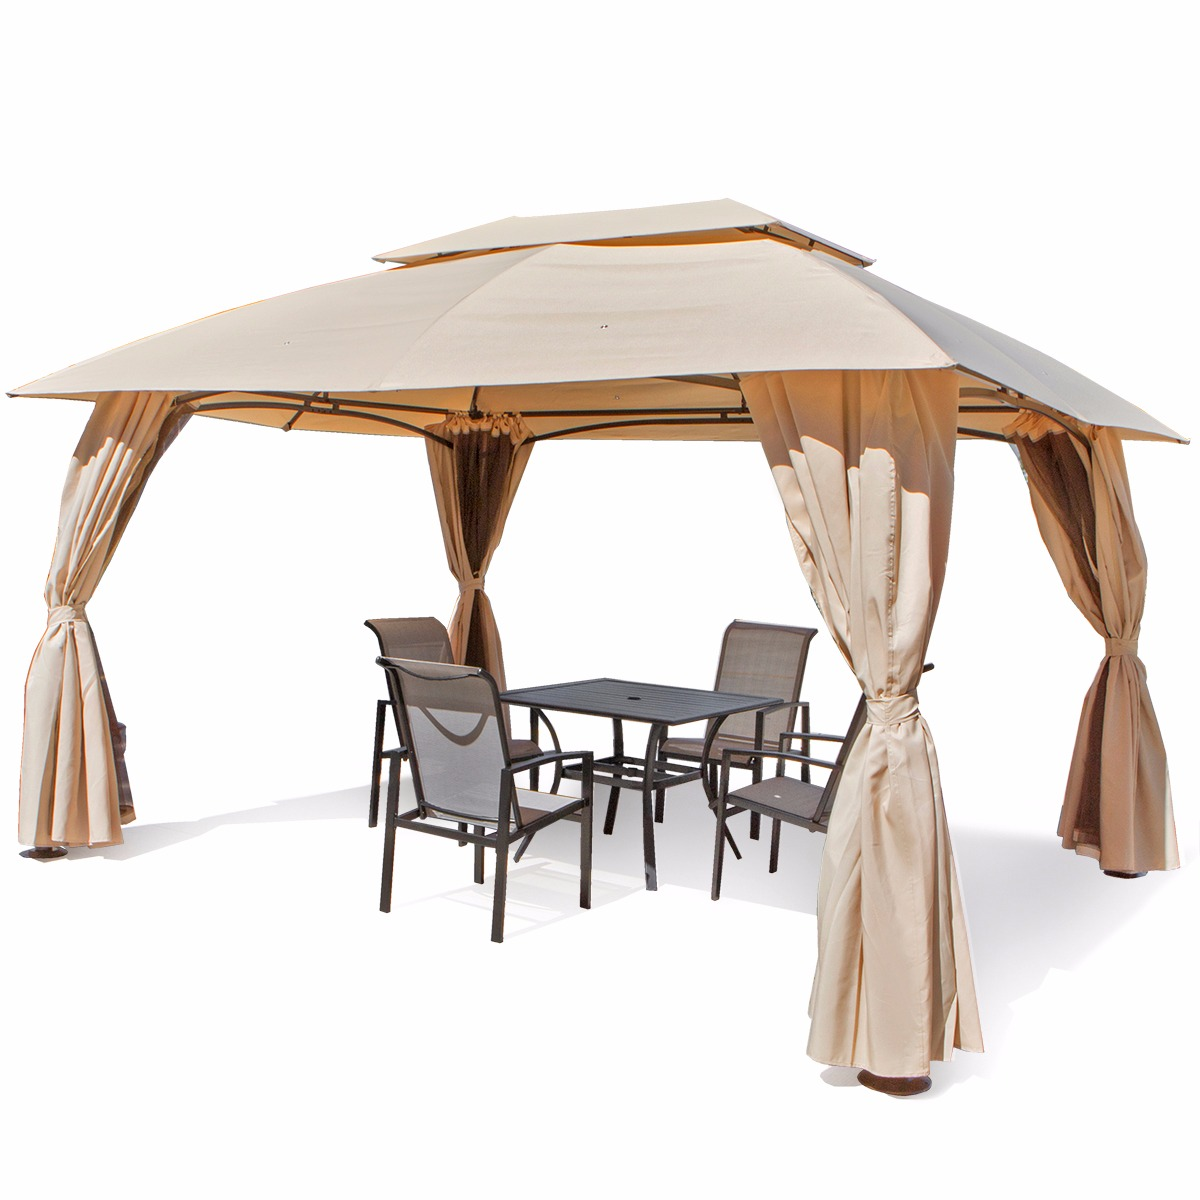 Outdoor Home 10u0027 X 13u0027 Backyard Garden Awnings Patio Gazebo Canopy Tent  Netting